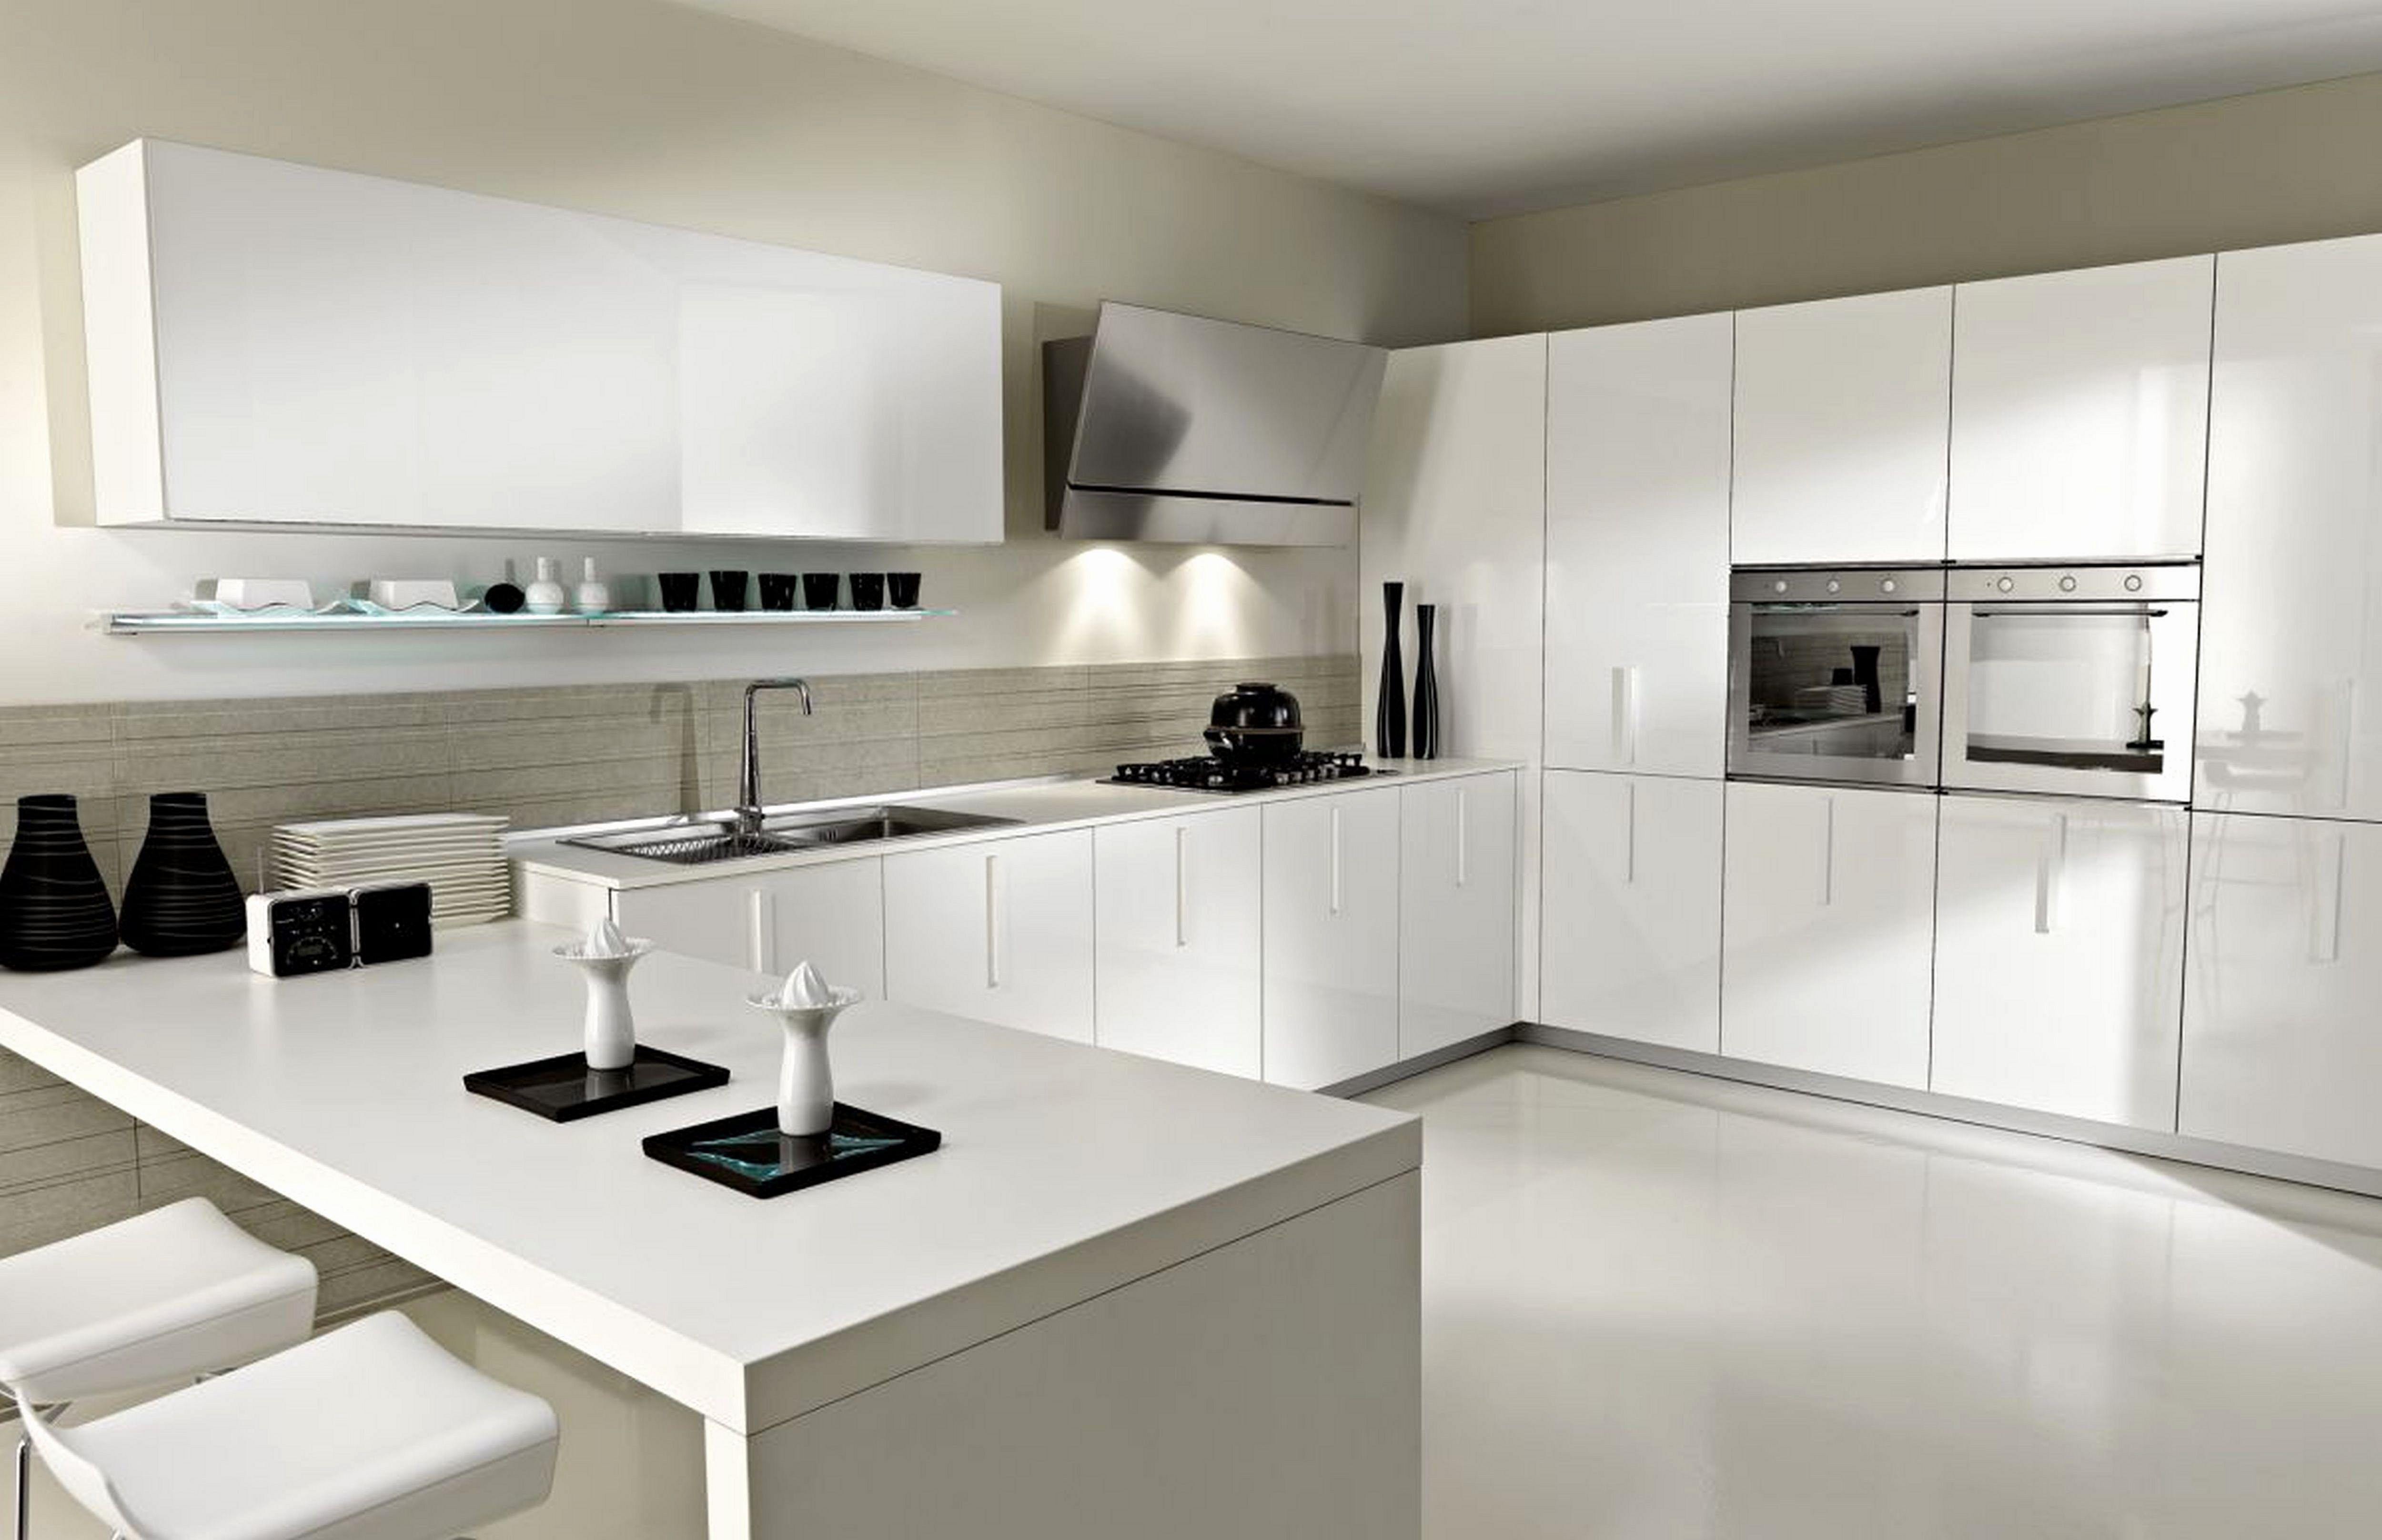 20 Most Popular White Kitchen Design Ideas That Look More Fresh Decor Gardening Ideas White Modern Kitchen Ikea Kitchen Design Contemporary Kitchen Design